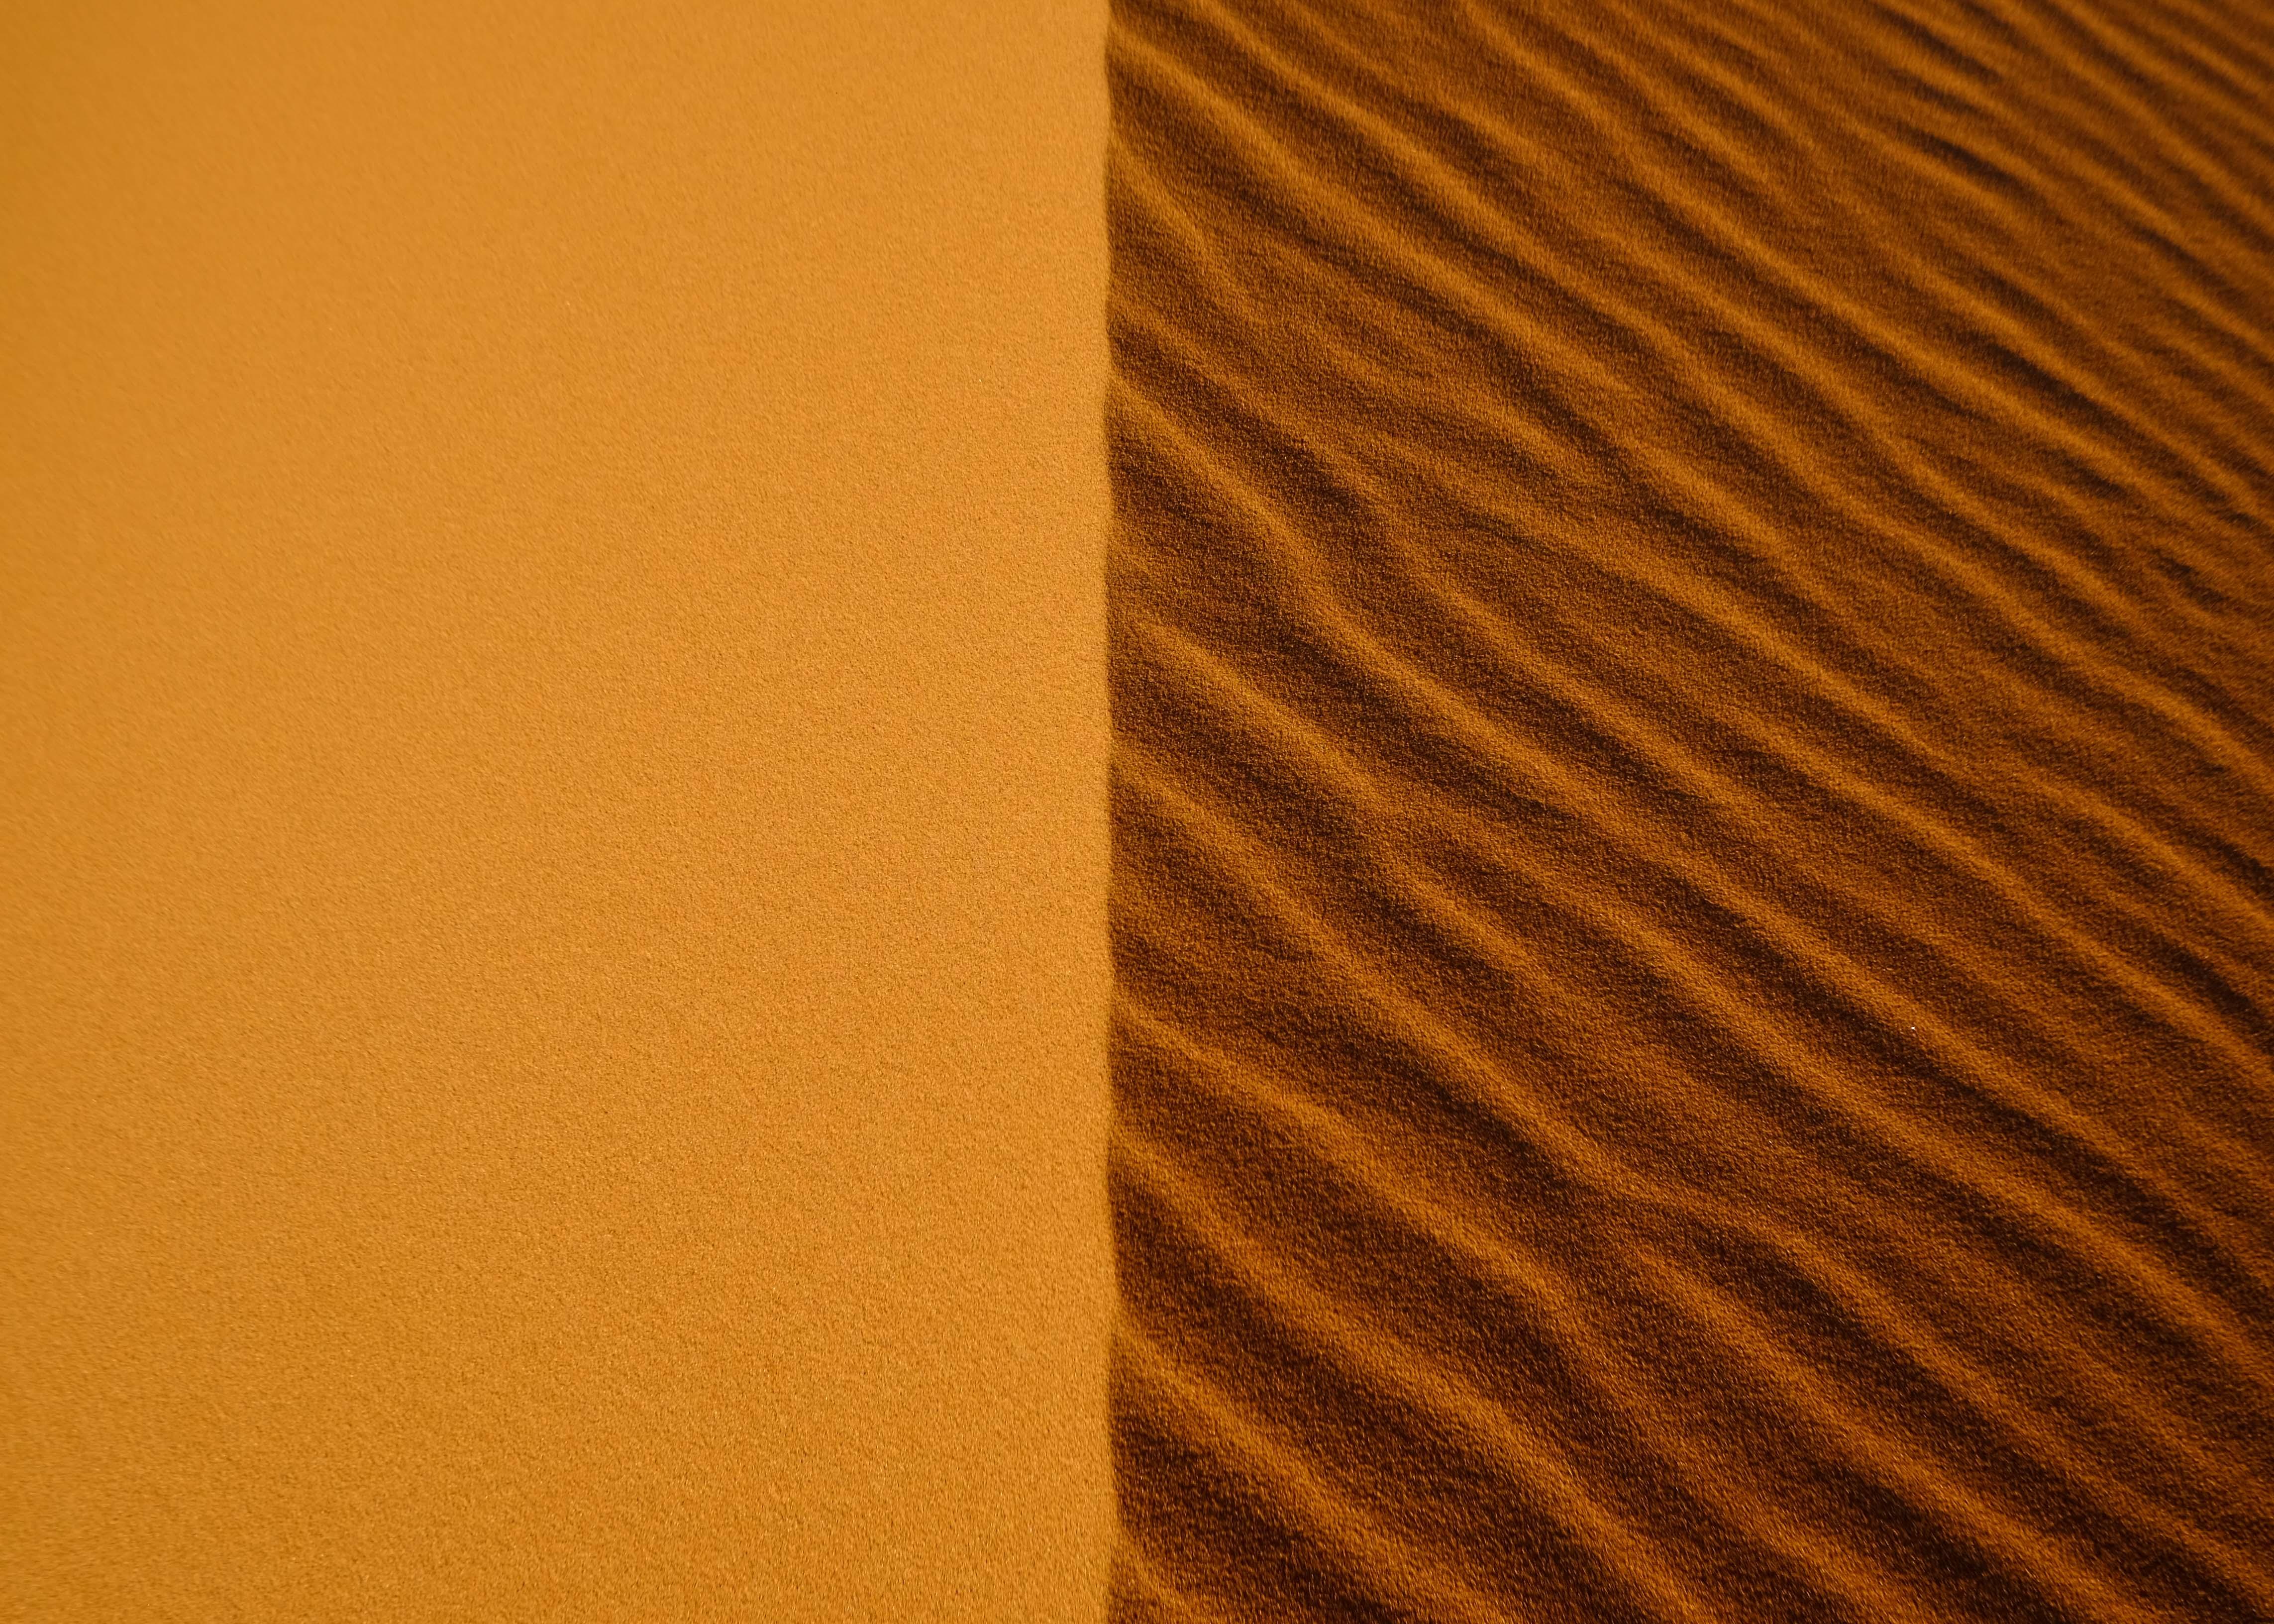 Maroc Desert (14 of 15)